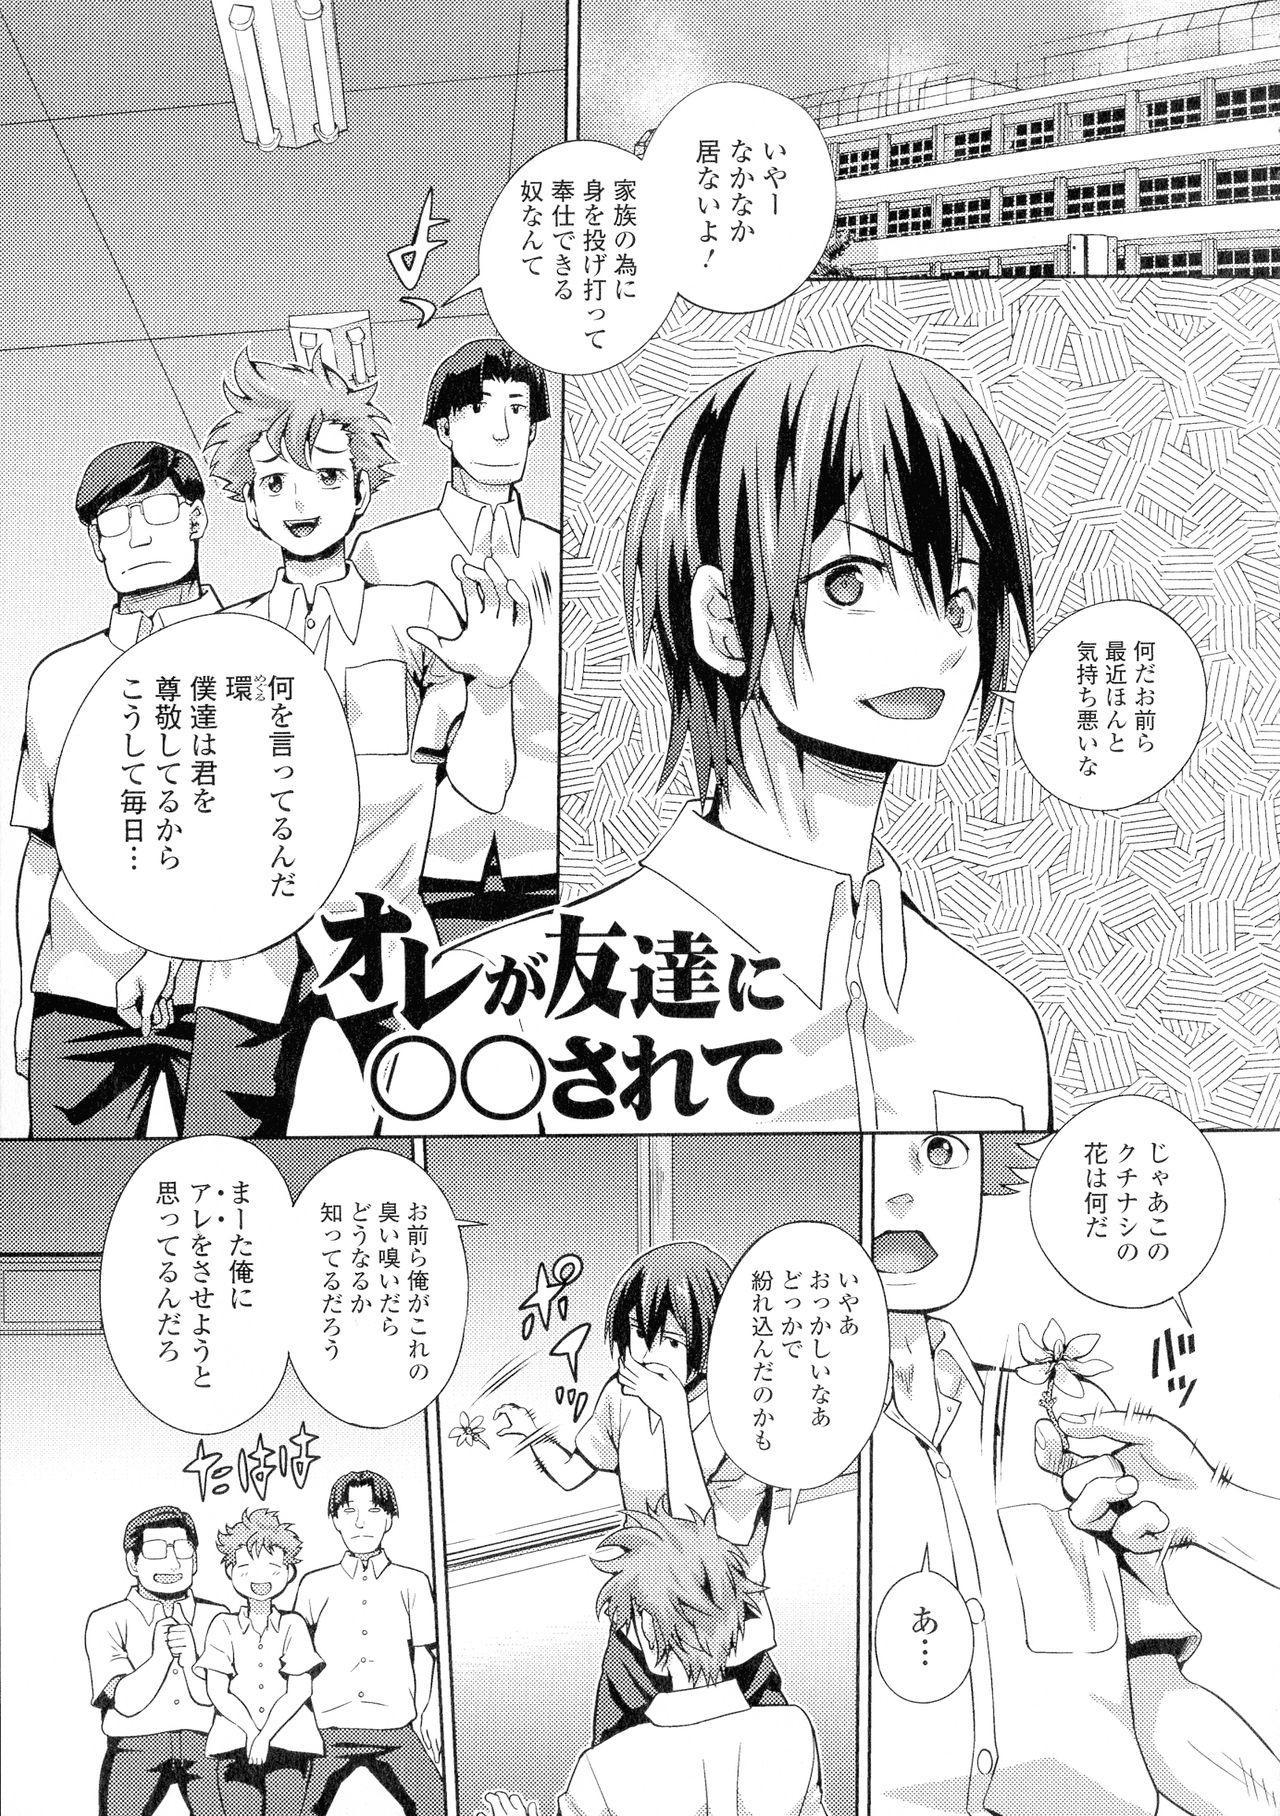 Futanari Tsunagari - Androgynos Sexual intercourse 161